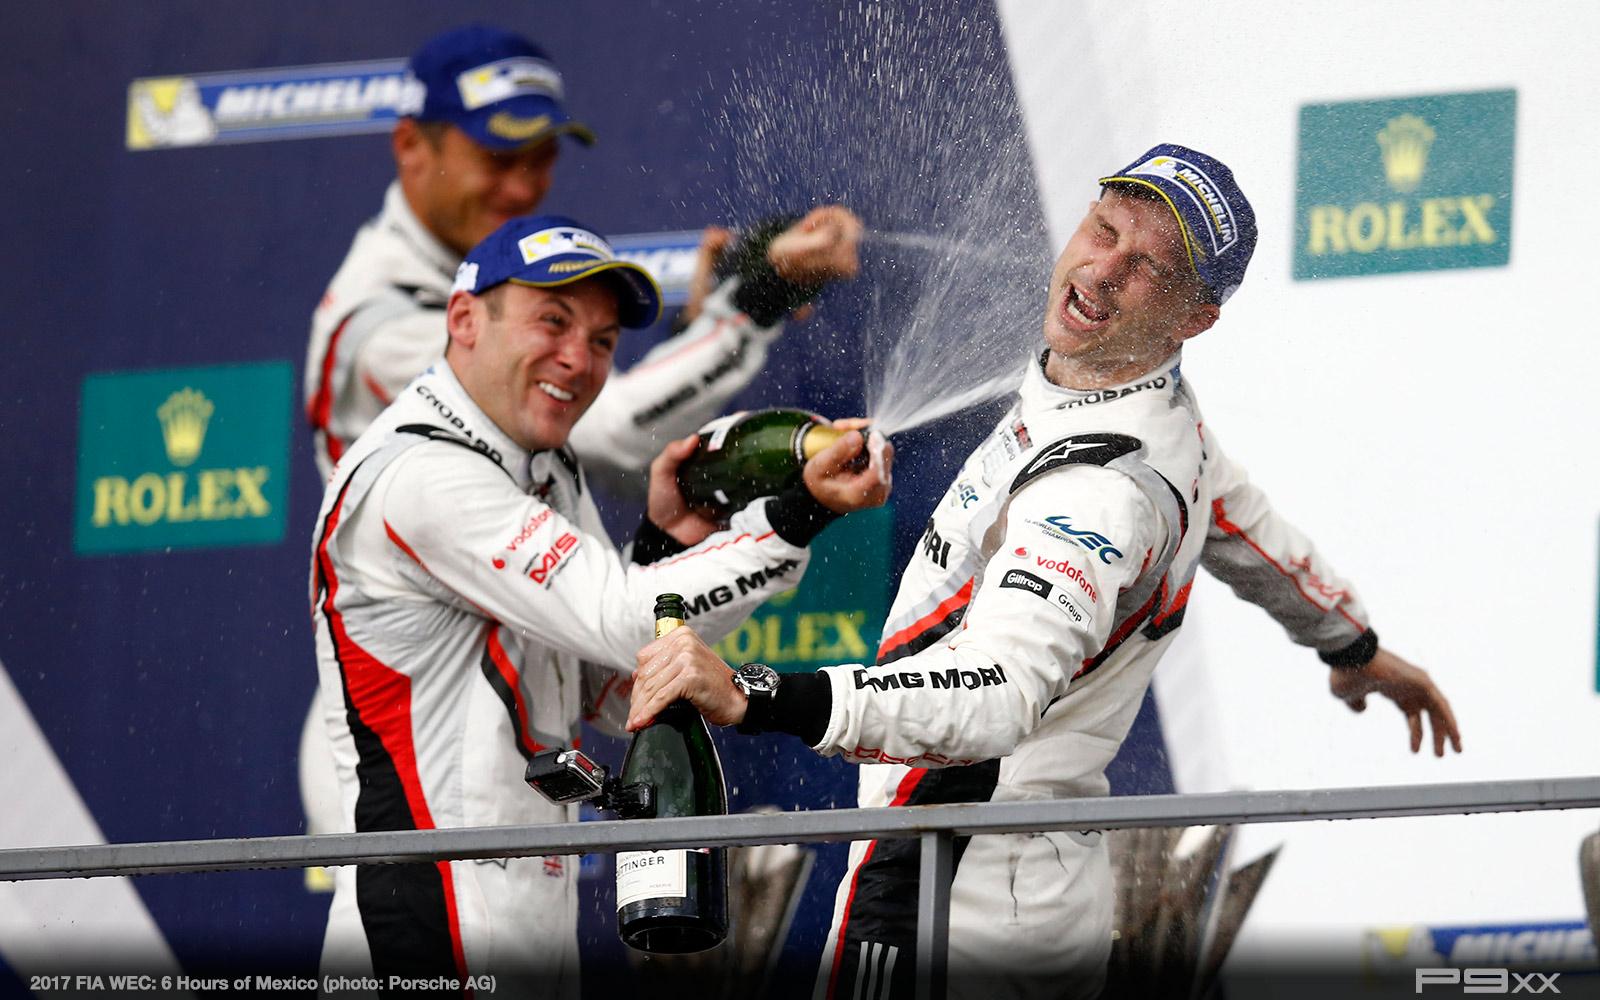 2017-FIA-WEC-6-HOURS-MEXICO-PORSCHE-1327